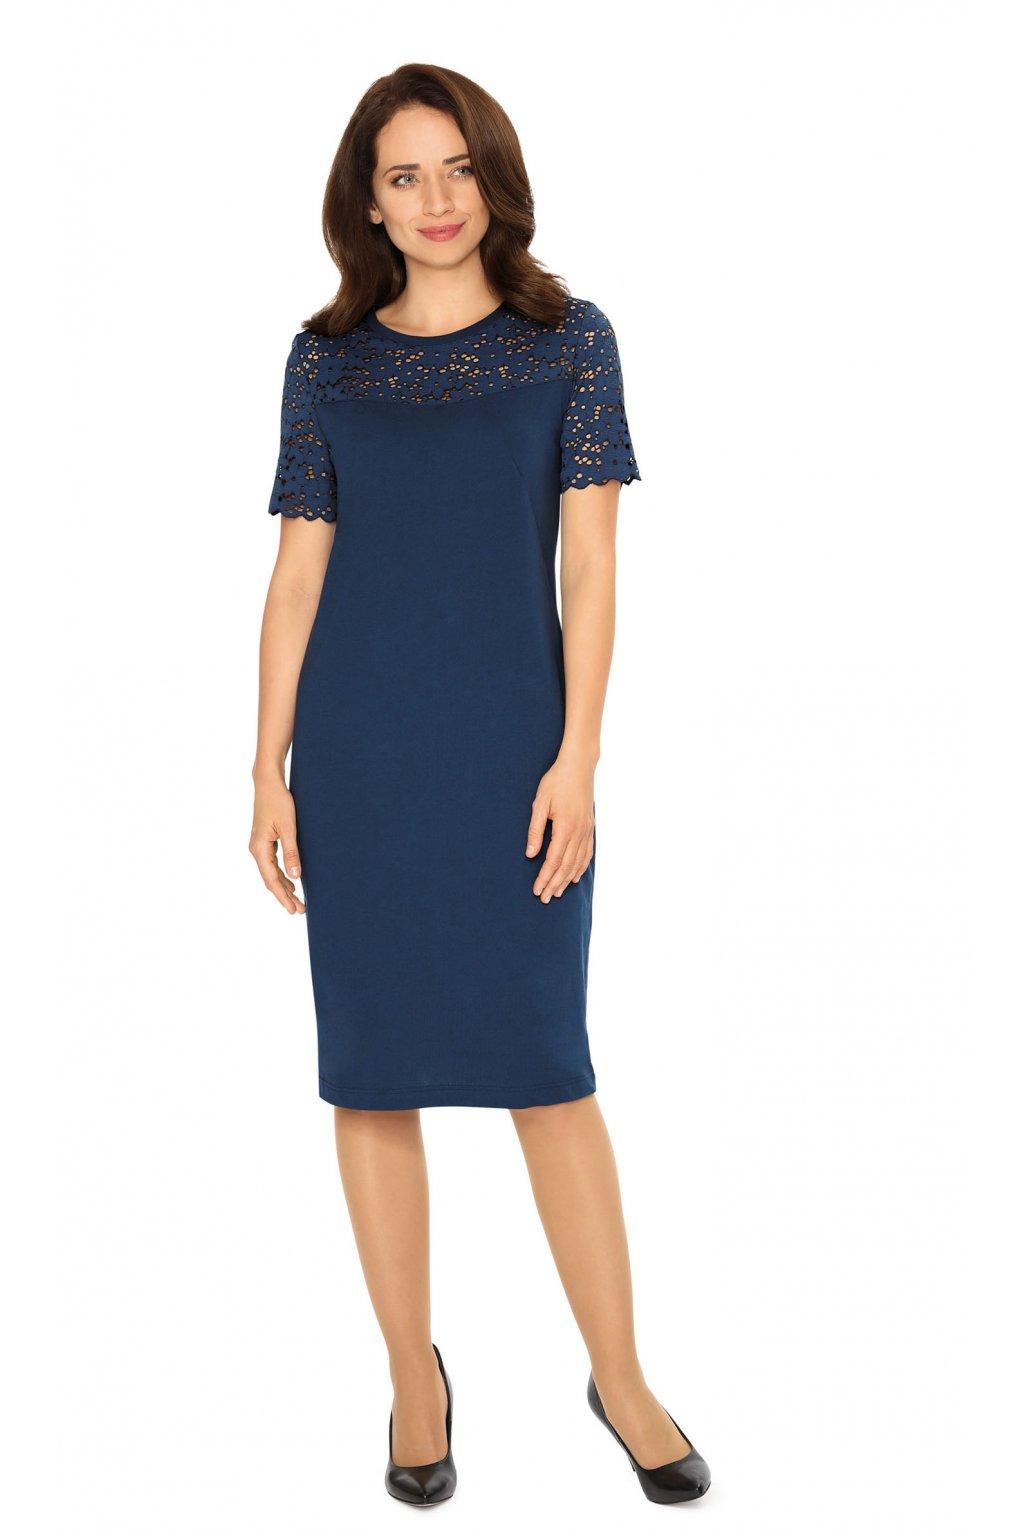 Dámské šaty s krátkým rukávem, 105122 466, modrá